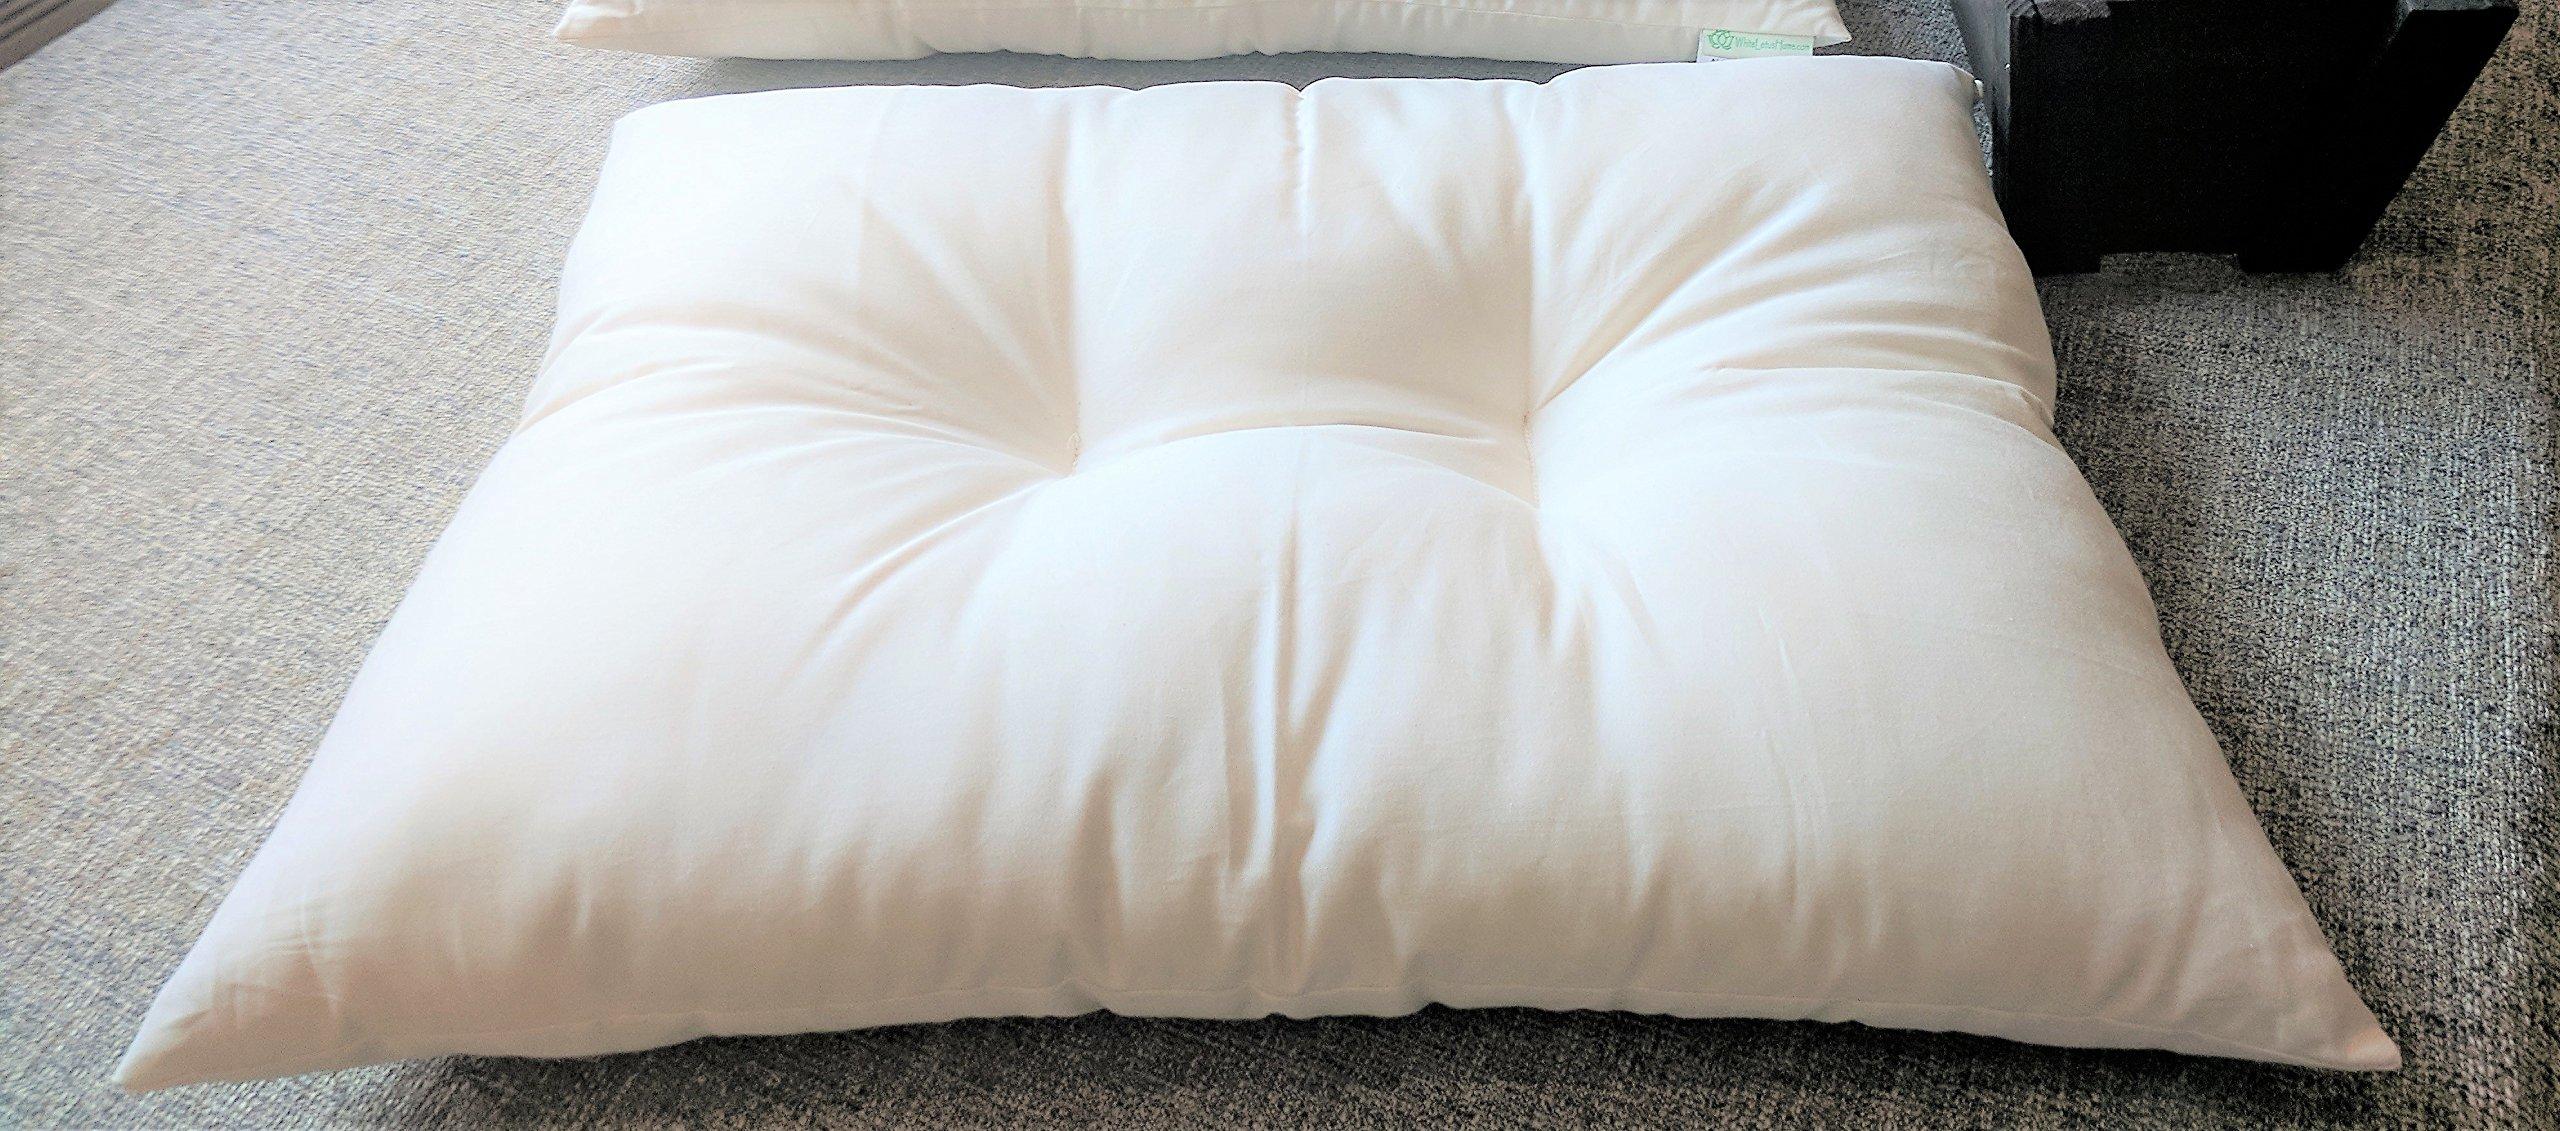 White Lotus Home KaPillow-Kapok Contour Sleeping Pillow, Standard/Soft